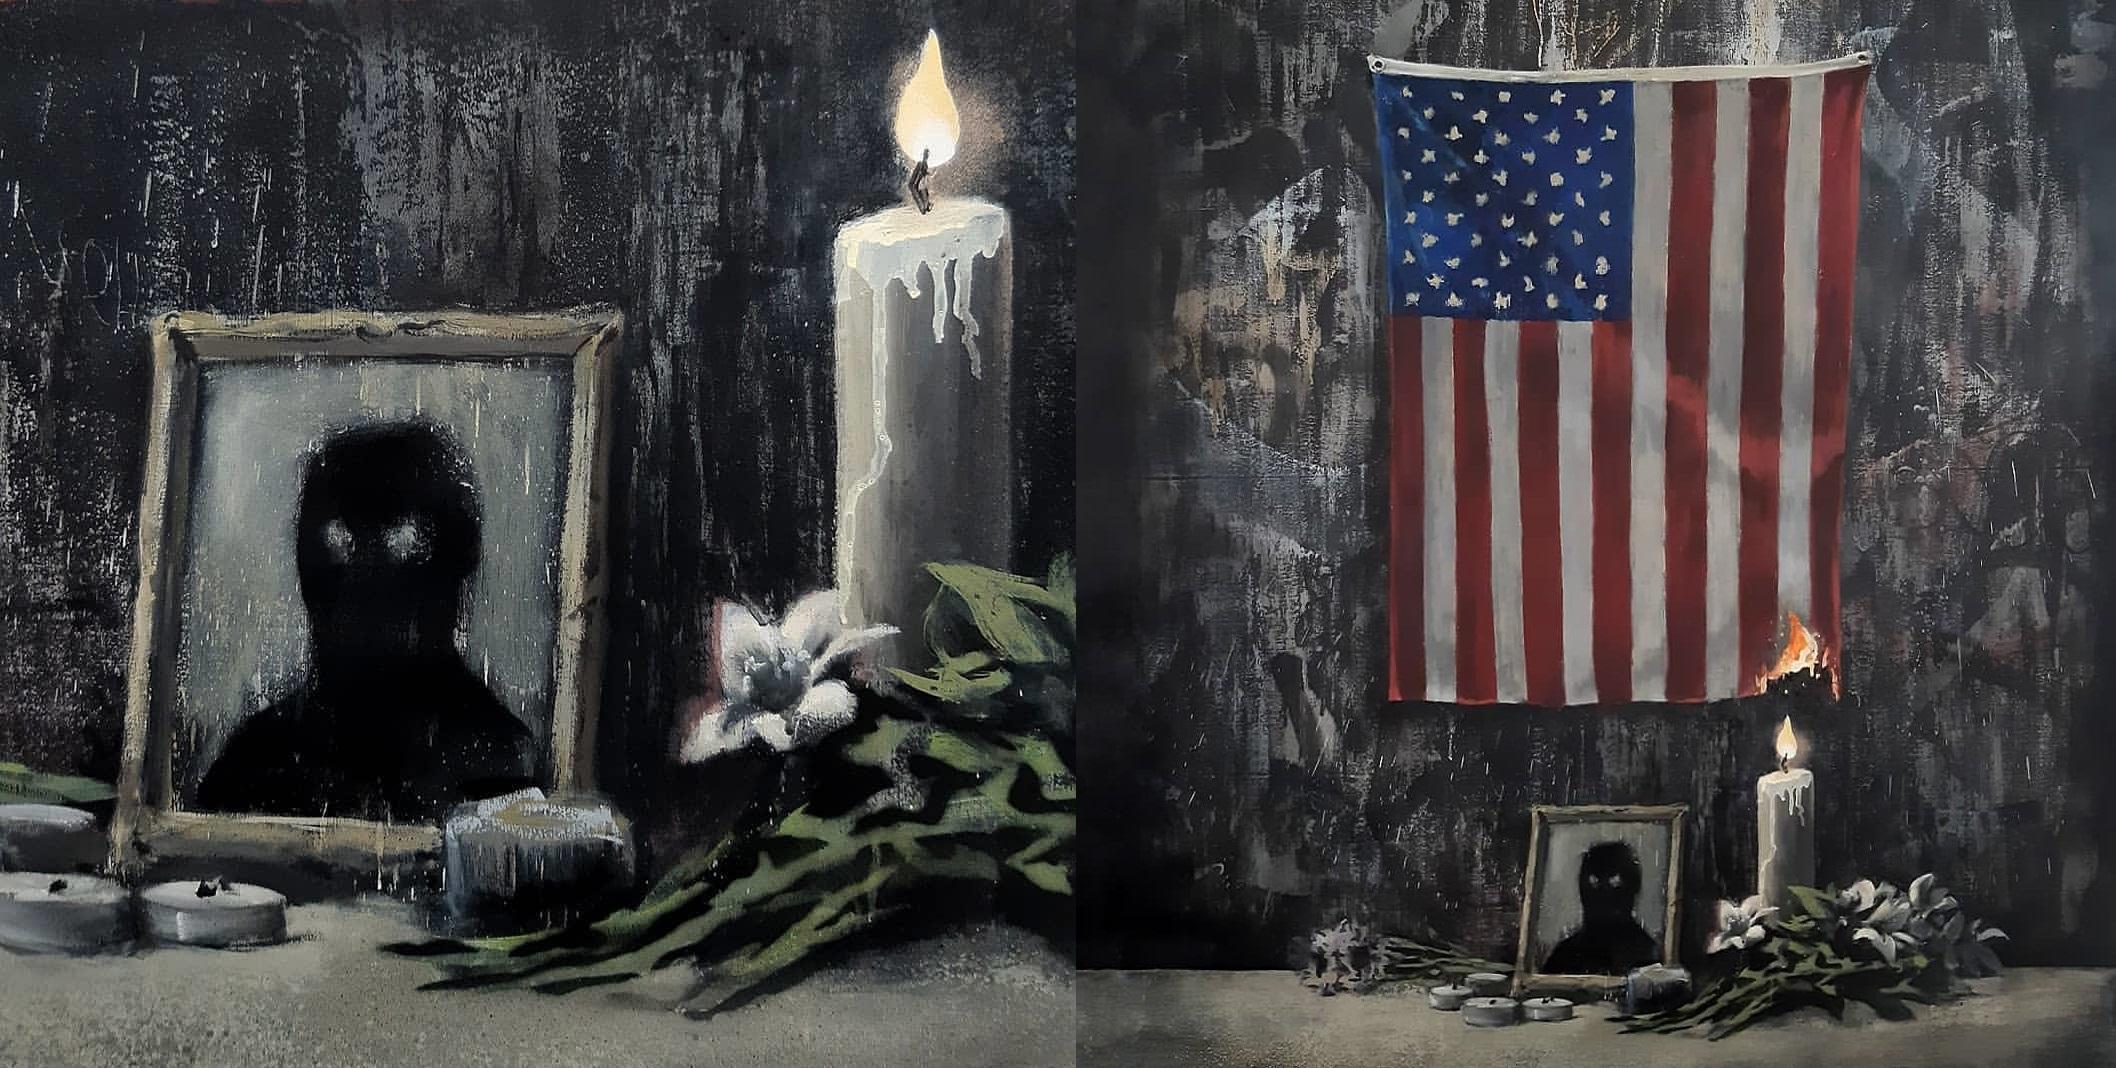 Banksy Nowym Dzielem Komentuje Sytuacje W Usa I Zwraca Uwage Na Problem Dyskryminacji Mniejszosci Sznyt Pl